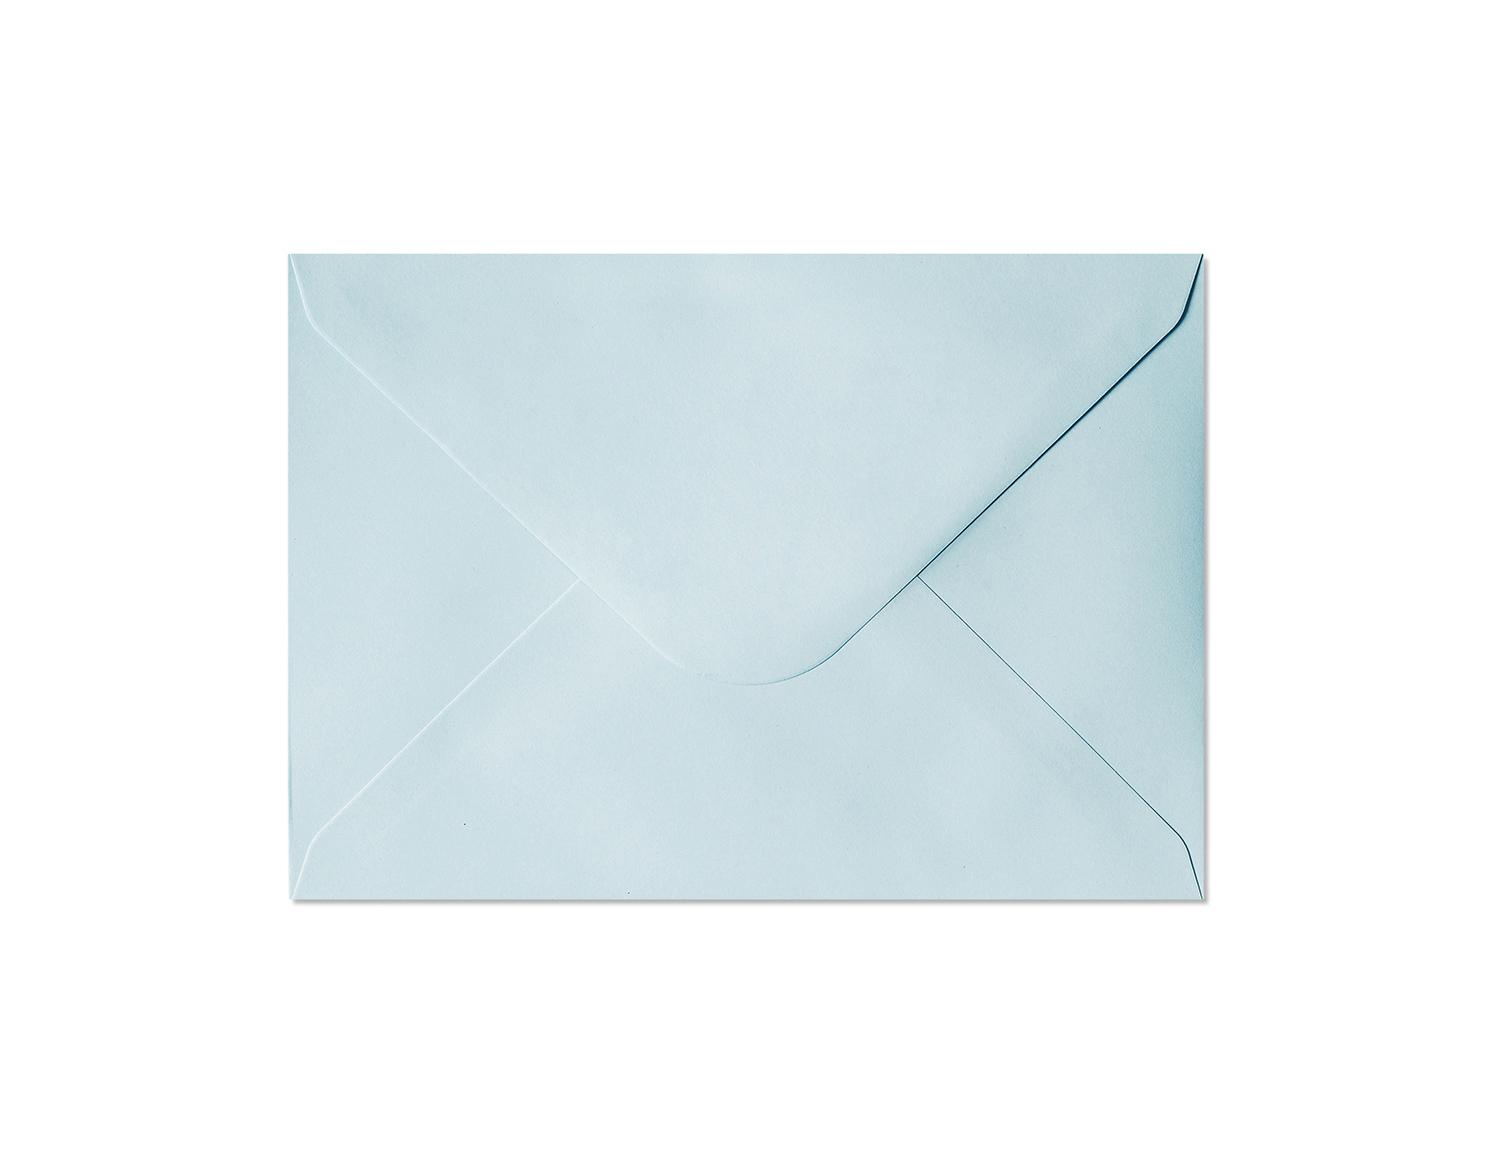 Galeria Papieru obálky C6 Hladký modrá 130g, 10ks